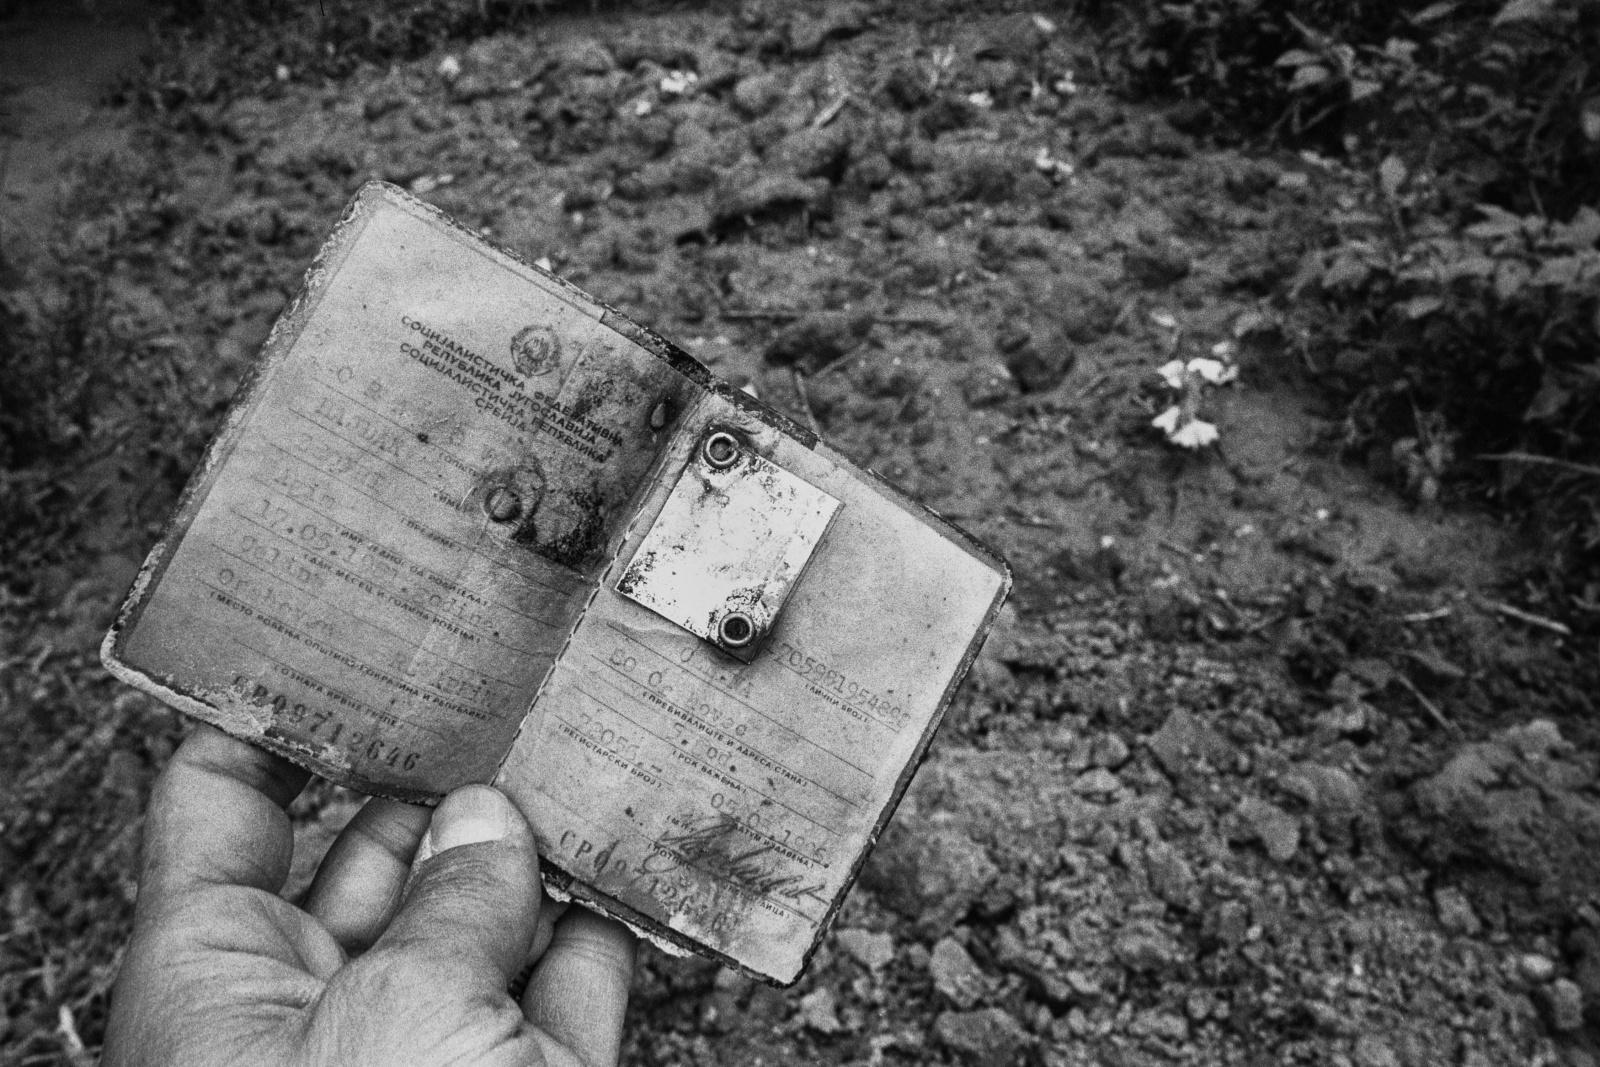 Kosovo 1999, ritrovamento dei documenti di ventitre persone trucidate e sepolte nella fossa comune di Celina. Il documento di AgimZeqir ucciso a undici anni